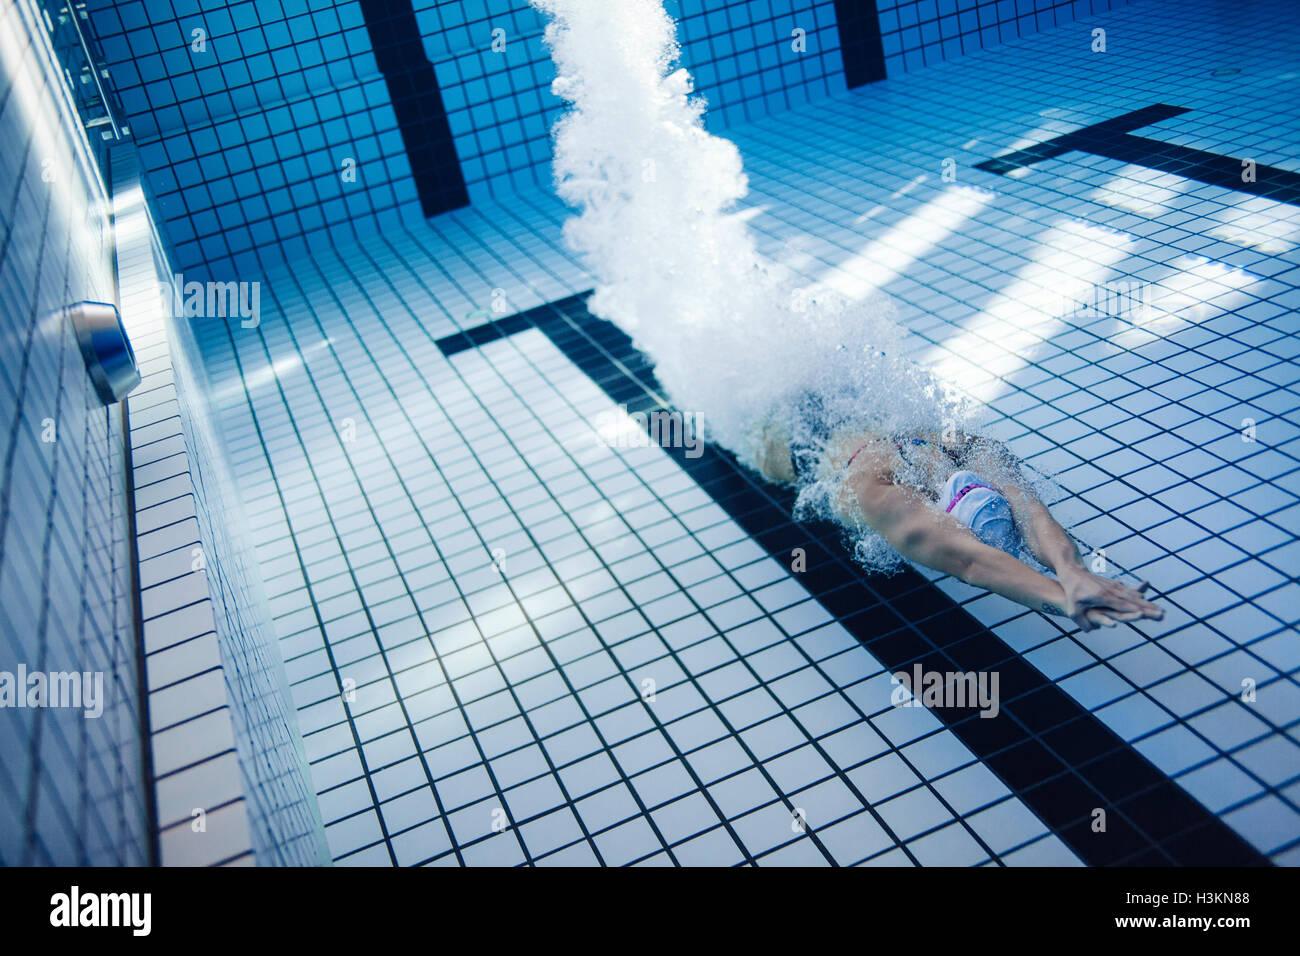 Filmación subacuática del nadador femenino natación piscina interior. Colocar joven nadador que entrena en la piscina. Foto de stock